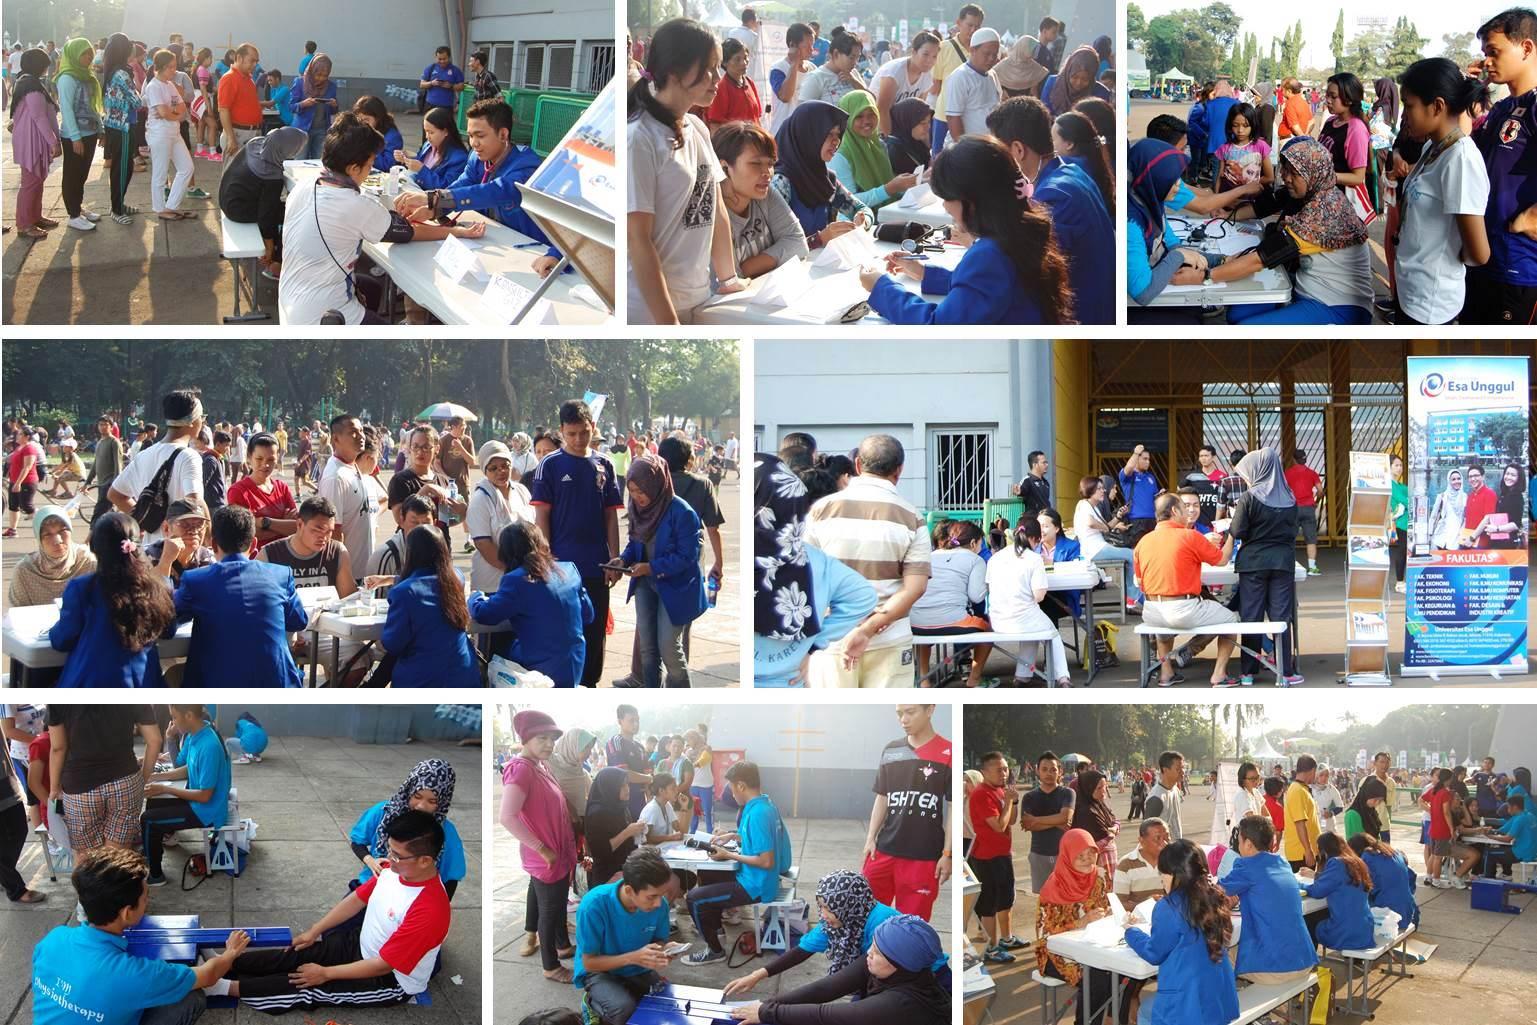 Pemeriksaan Kesehatan dan Olahraga Bersama Universitas Esa Unggul di Stadion Utama Gelora Bung Karno